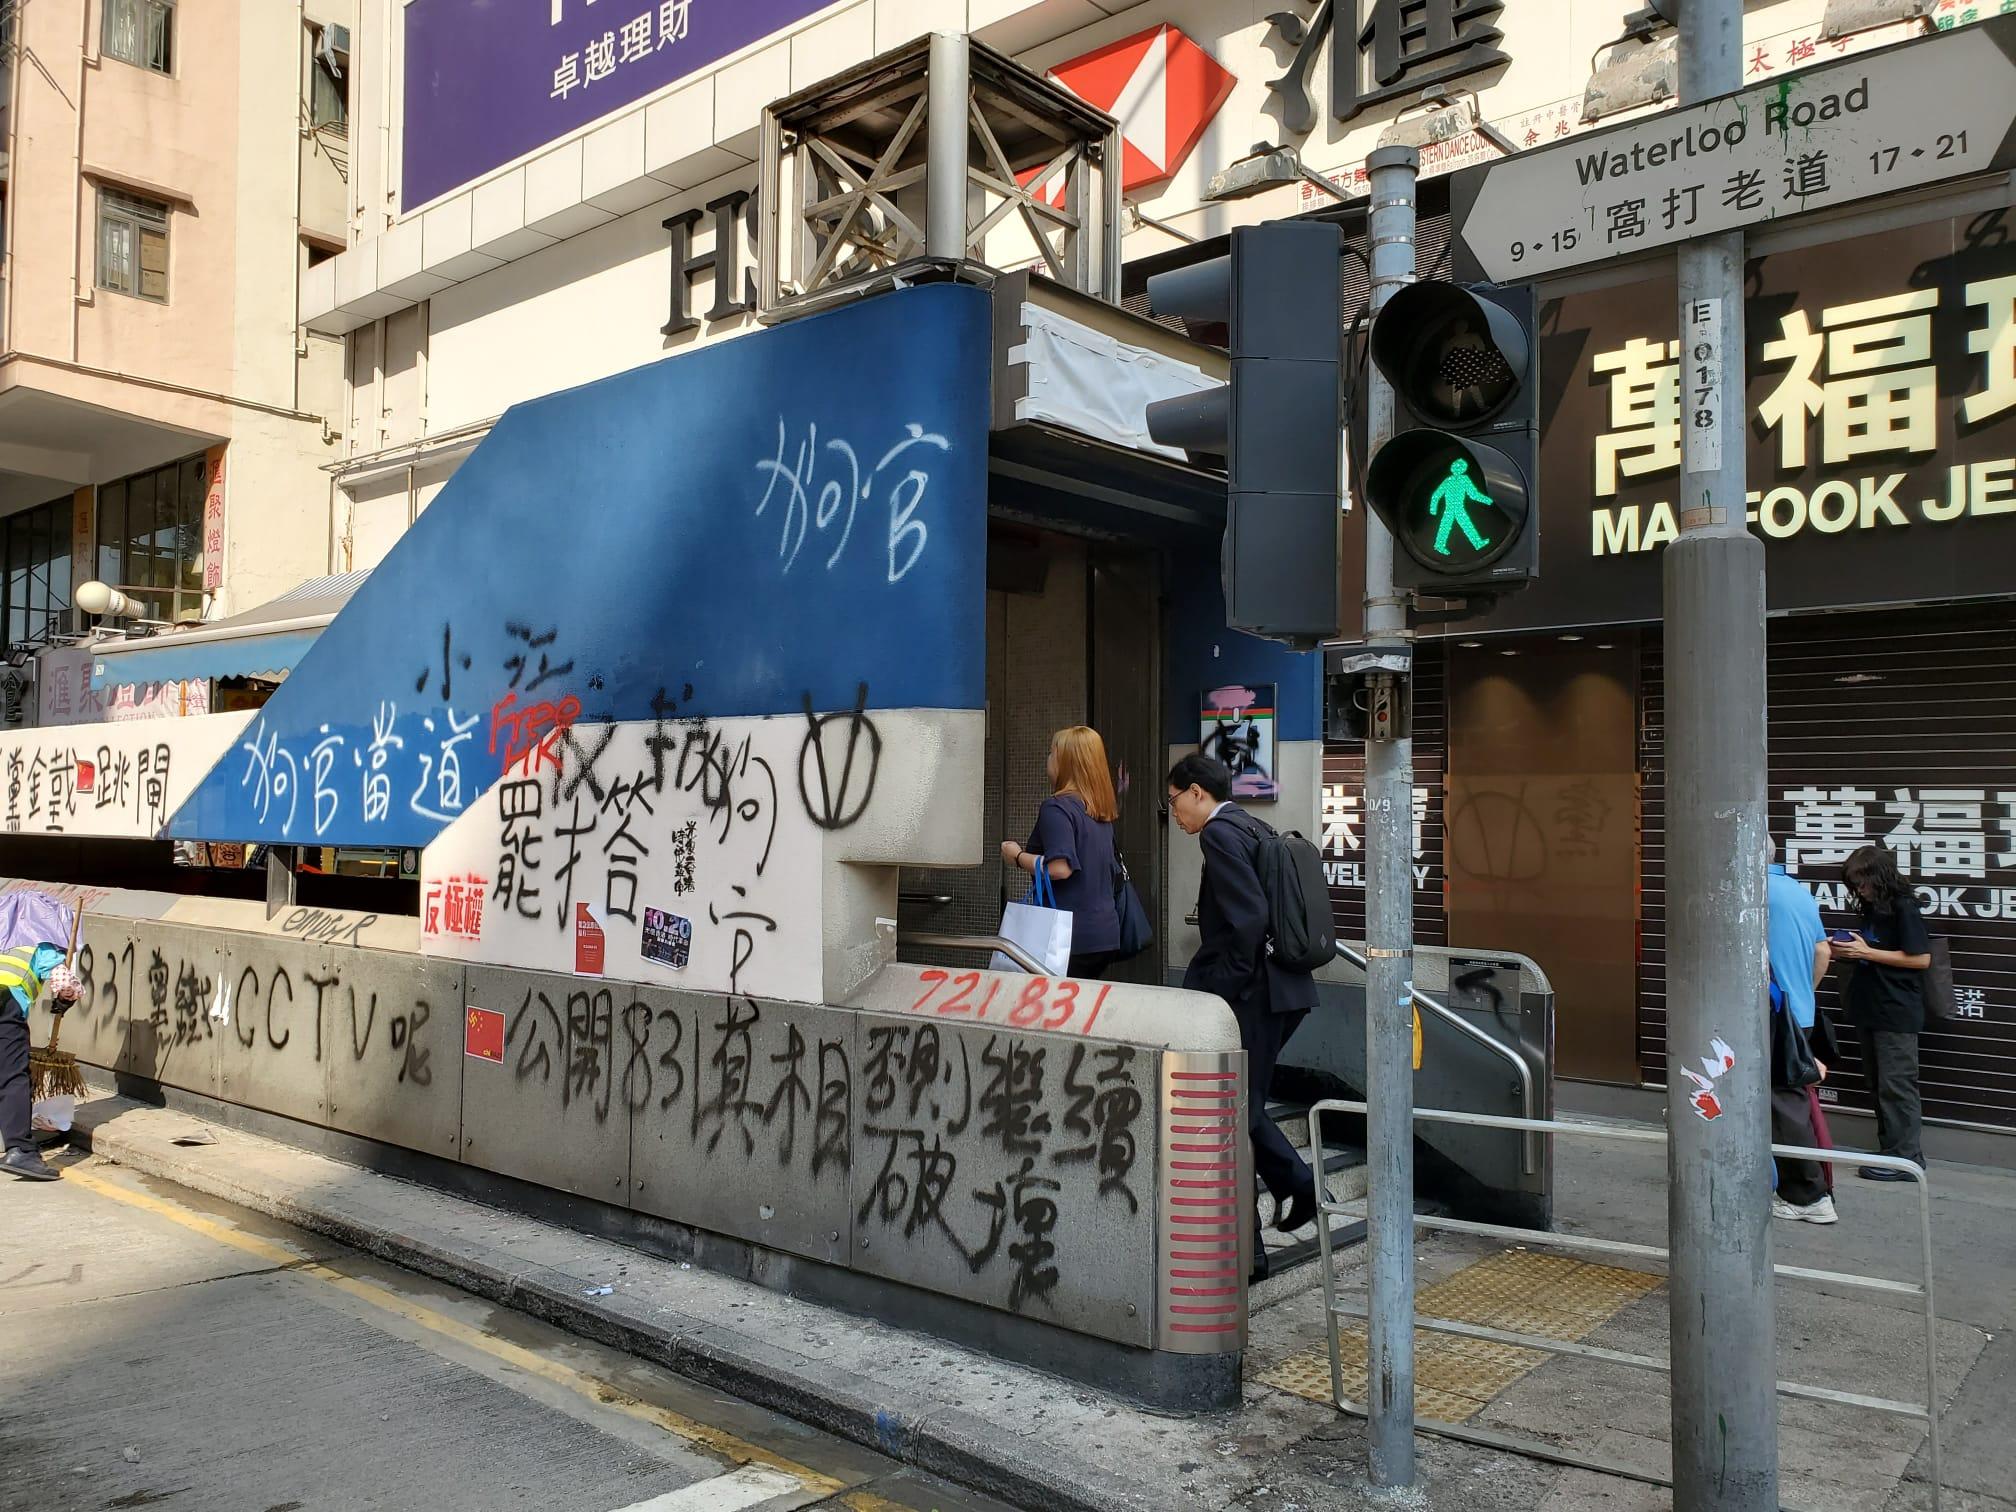 油麻地站及旺角站出入口被熏黑塗鴉。 梁國峰攝